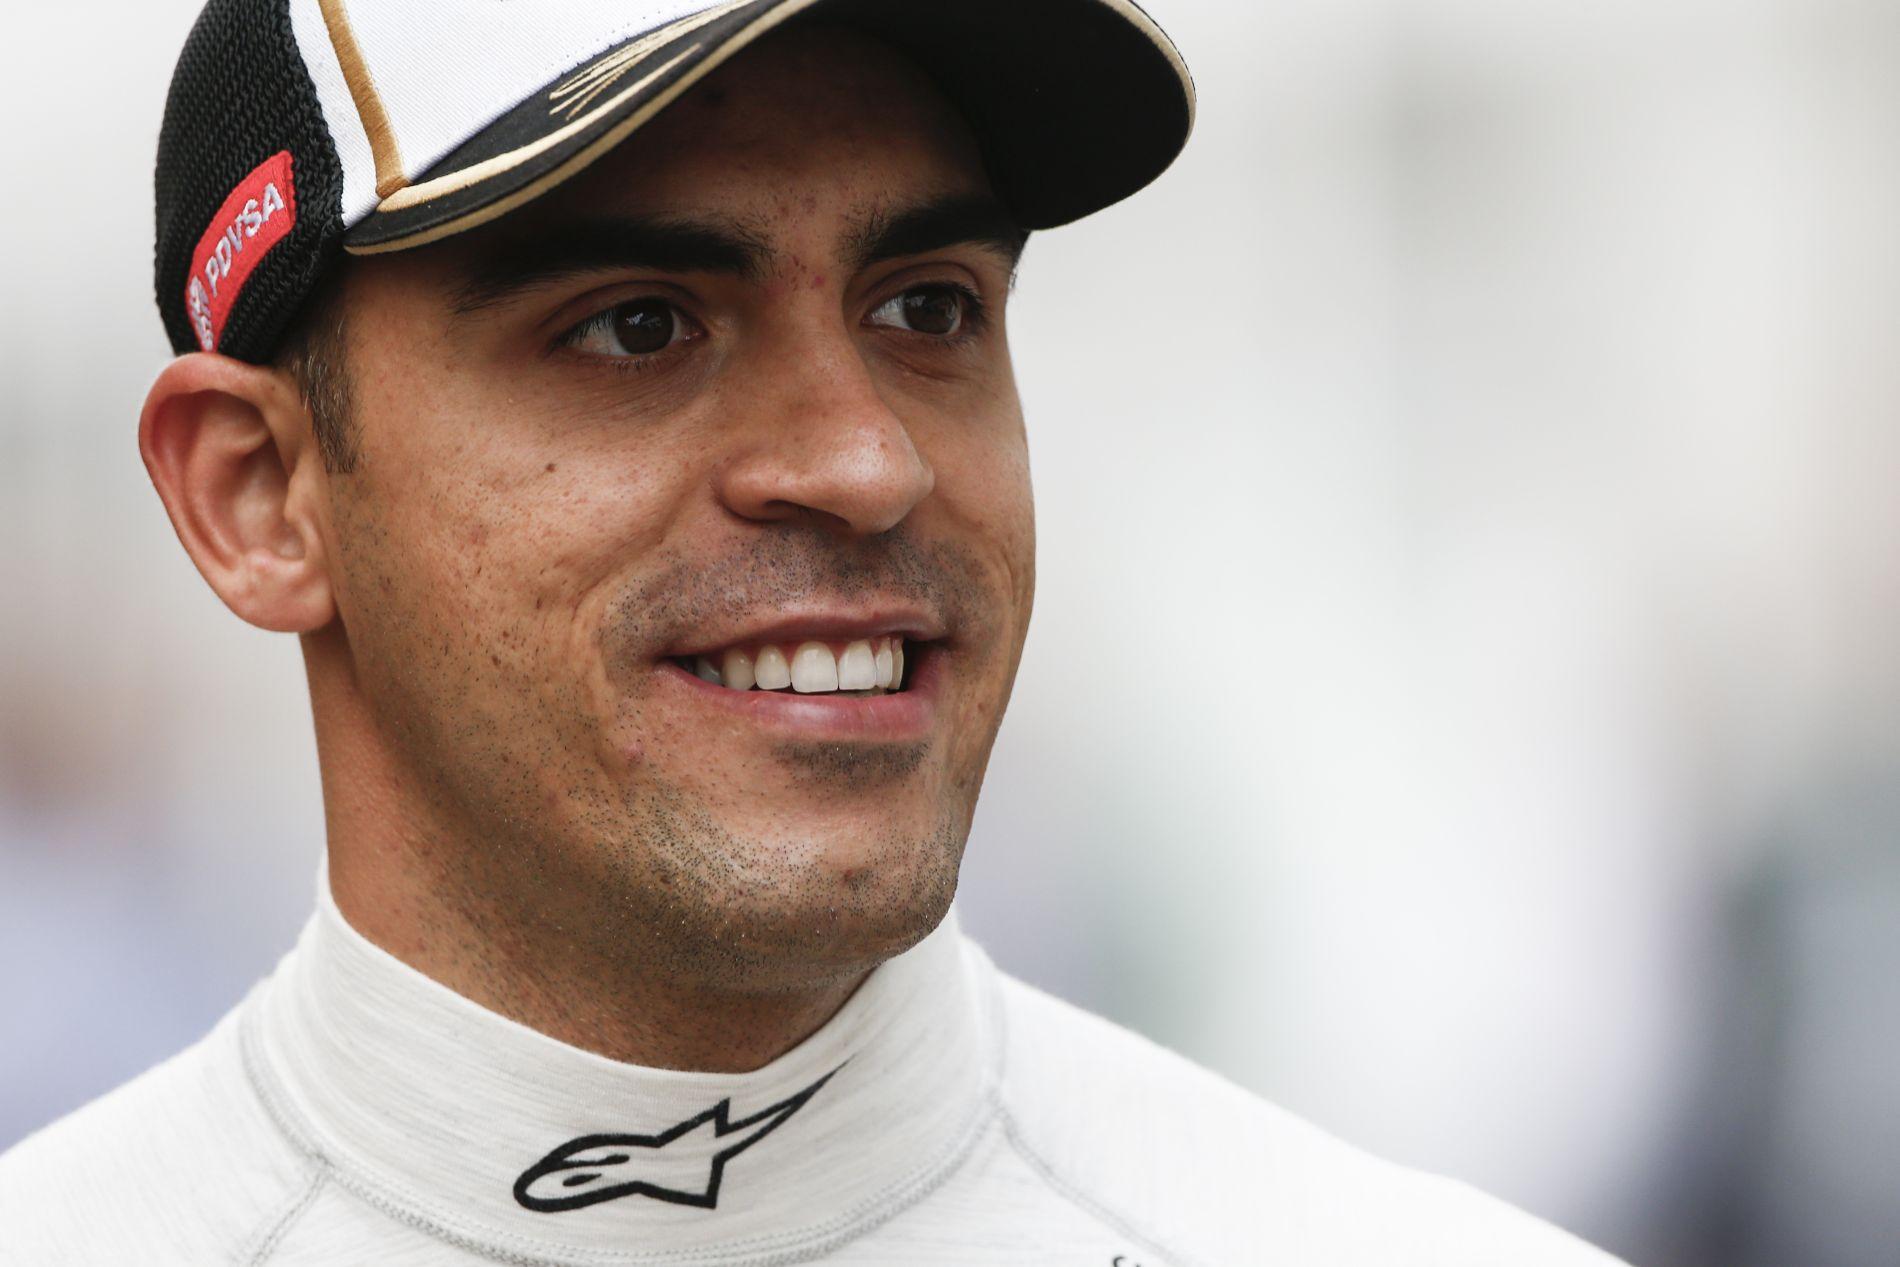 Hivatalos: Pastor Maldonado jövőre is a Lotus (?) versenyzője marad!